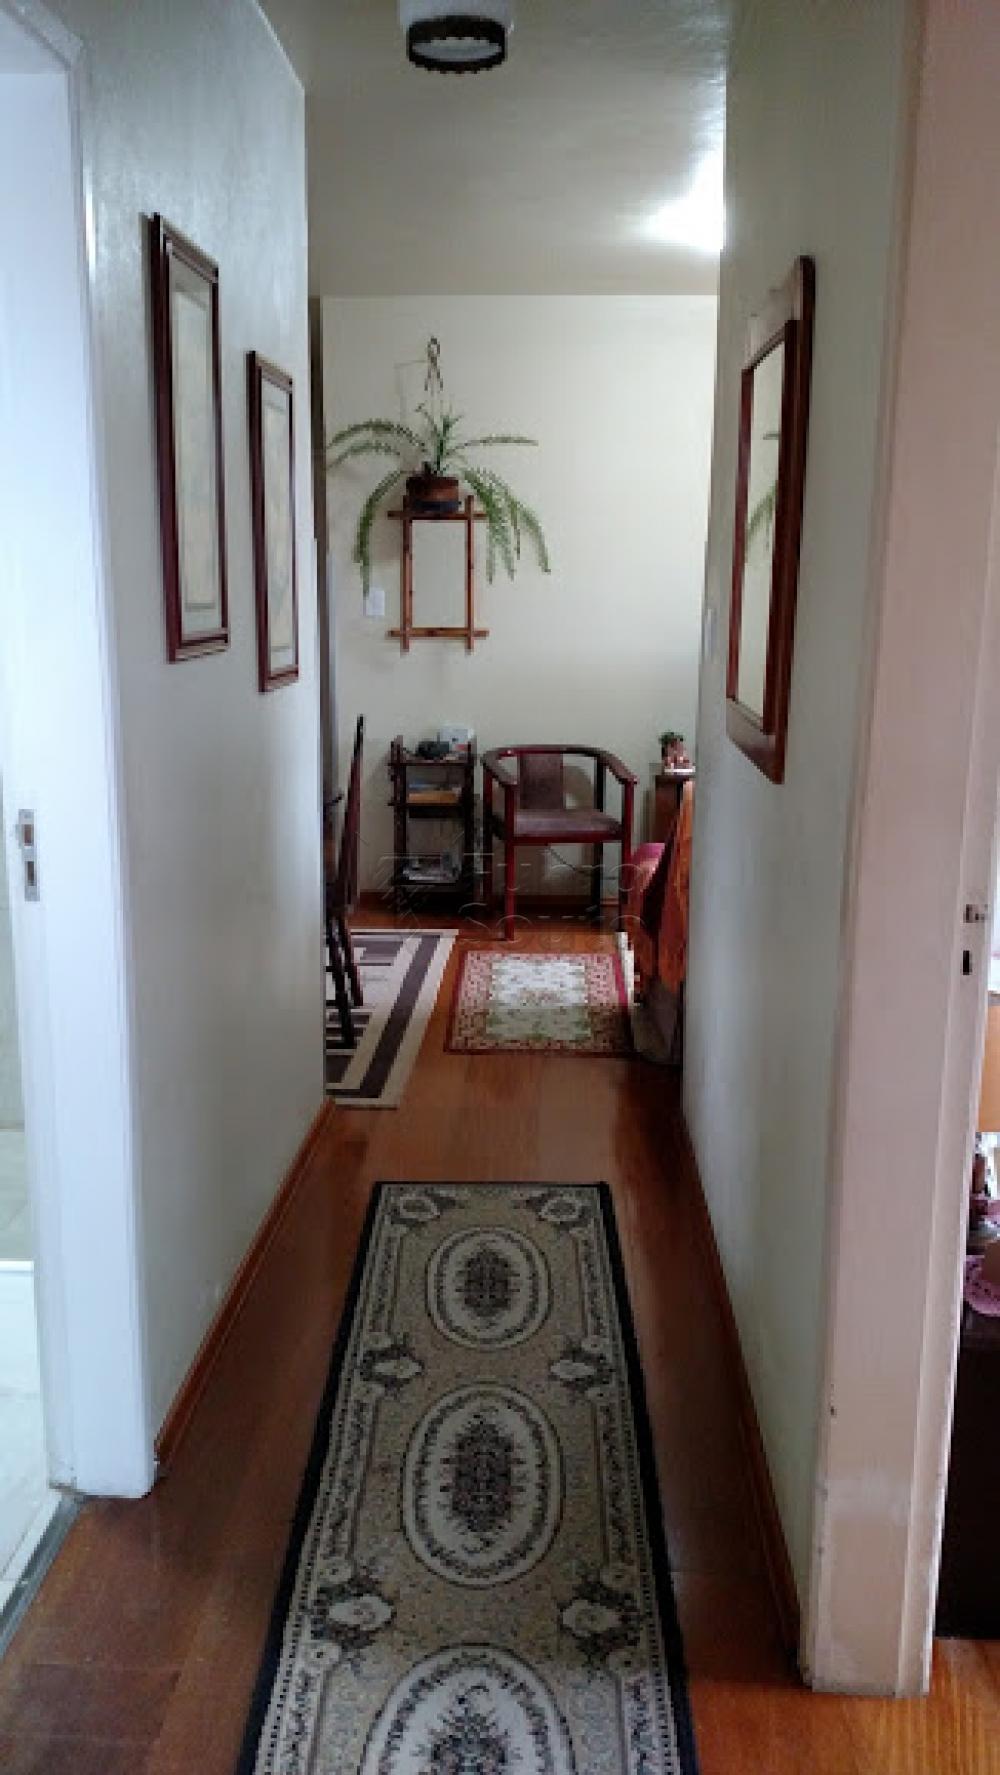 Comprar Apartamento / Padrão em Pelotas R$ 250.000,00 - Foto 7